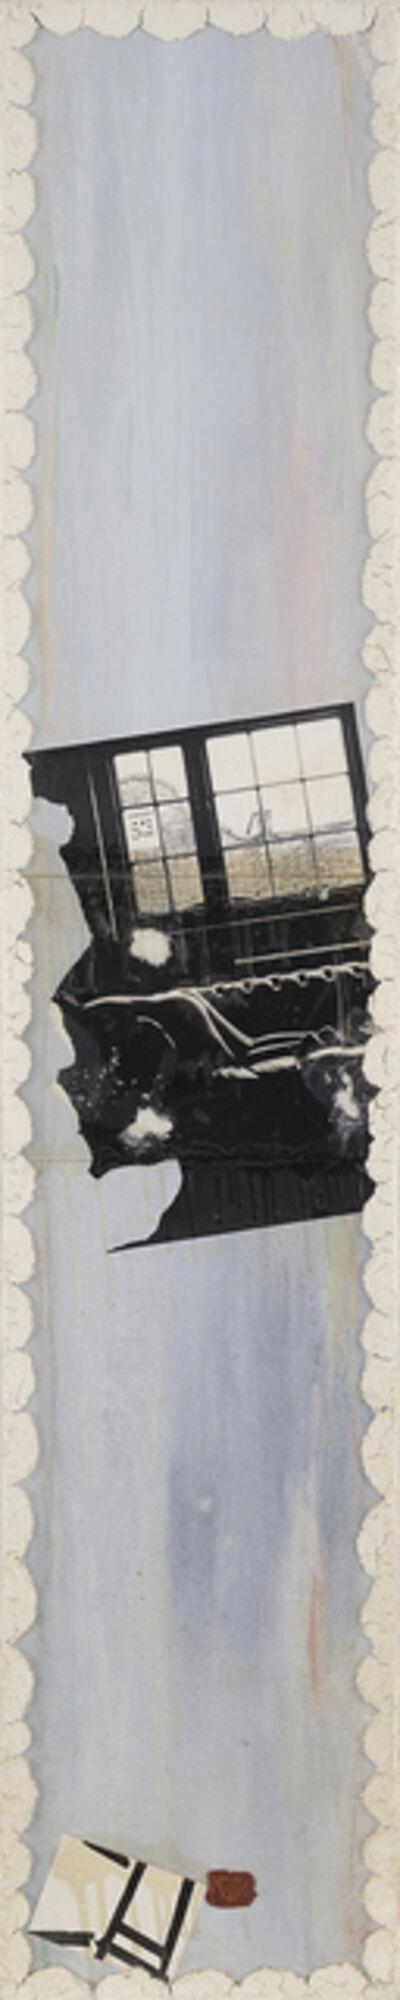 Elwyn Lynn, 'Mirrored Cheesecake 1903', 1974